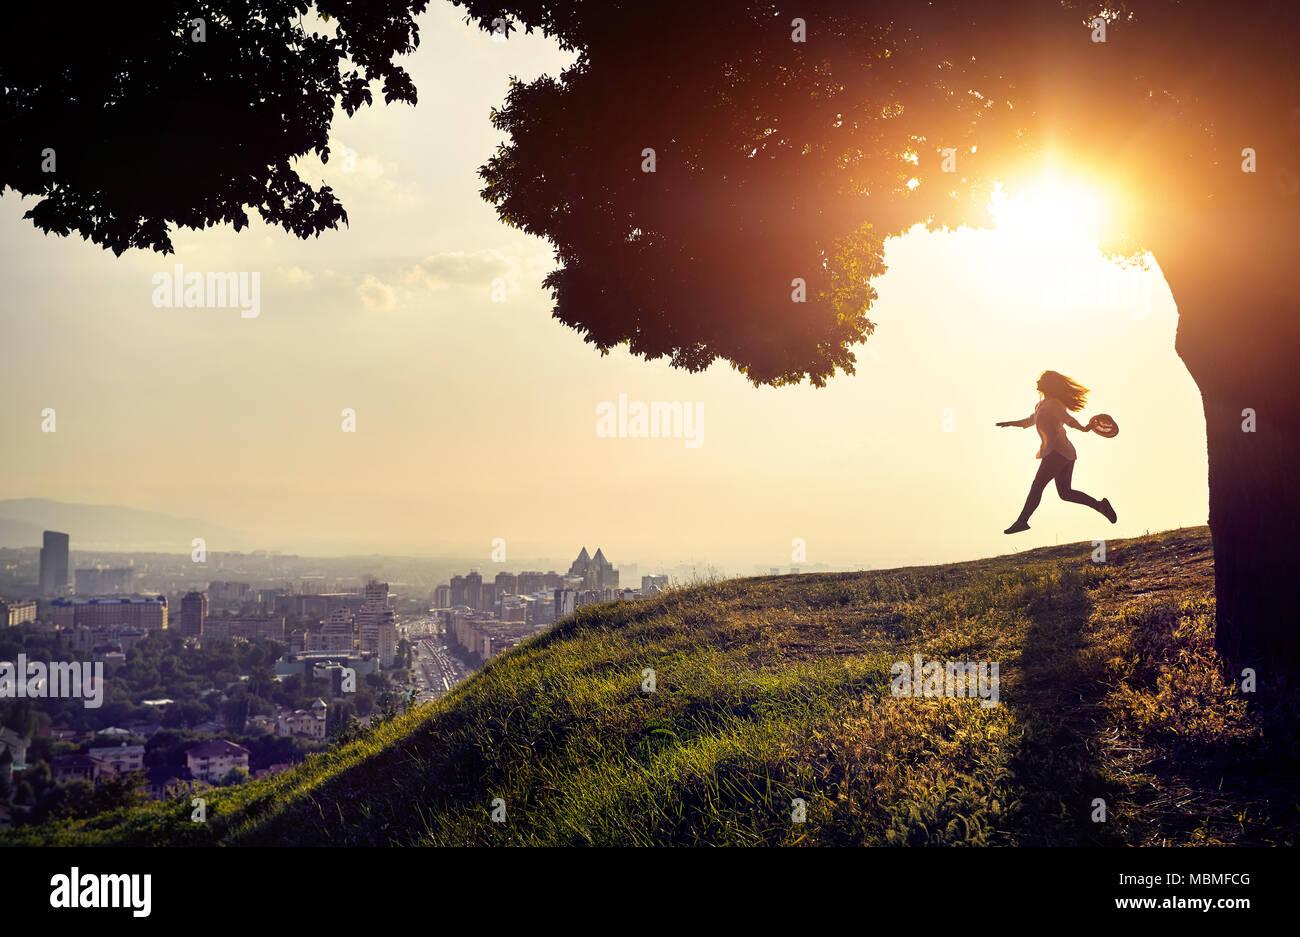 Mujer en silueta corriendo con el sombrero en la mano en el fondo de la vista de la ciudad al atardecer. Concepto de la vida de la ciudad. Imagen De Stock